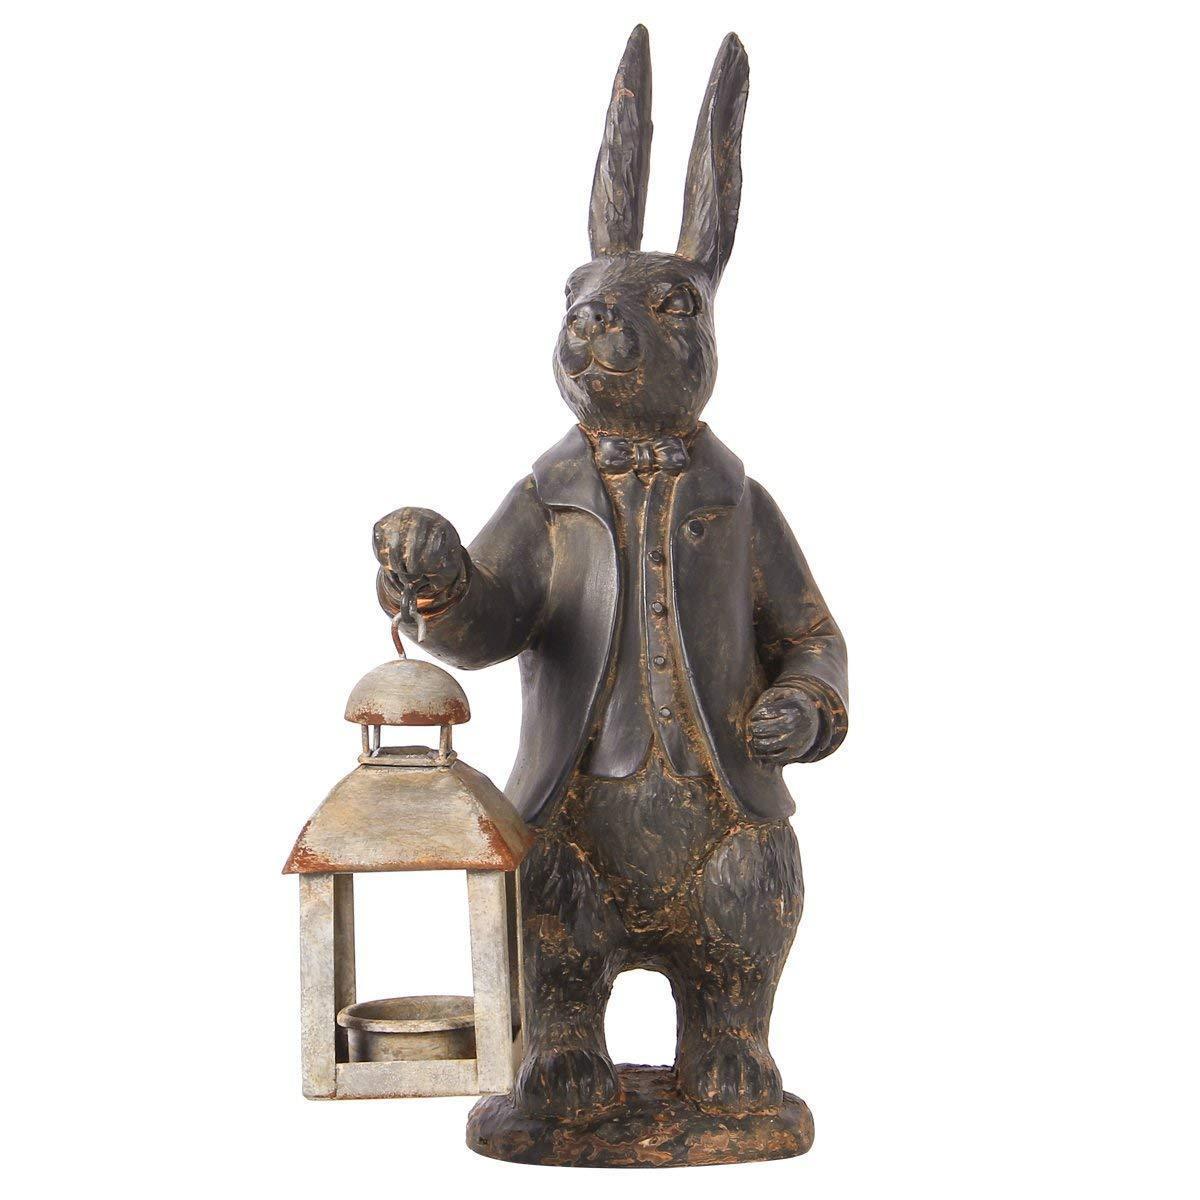 ニッキーホーム製 ヴィンテージメタル風 (ティーライト)キャンドルランタンを下げた、ウサギの置物 彫刻 彫像(輸入品)